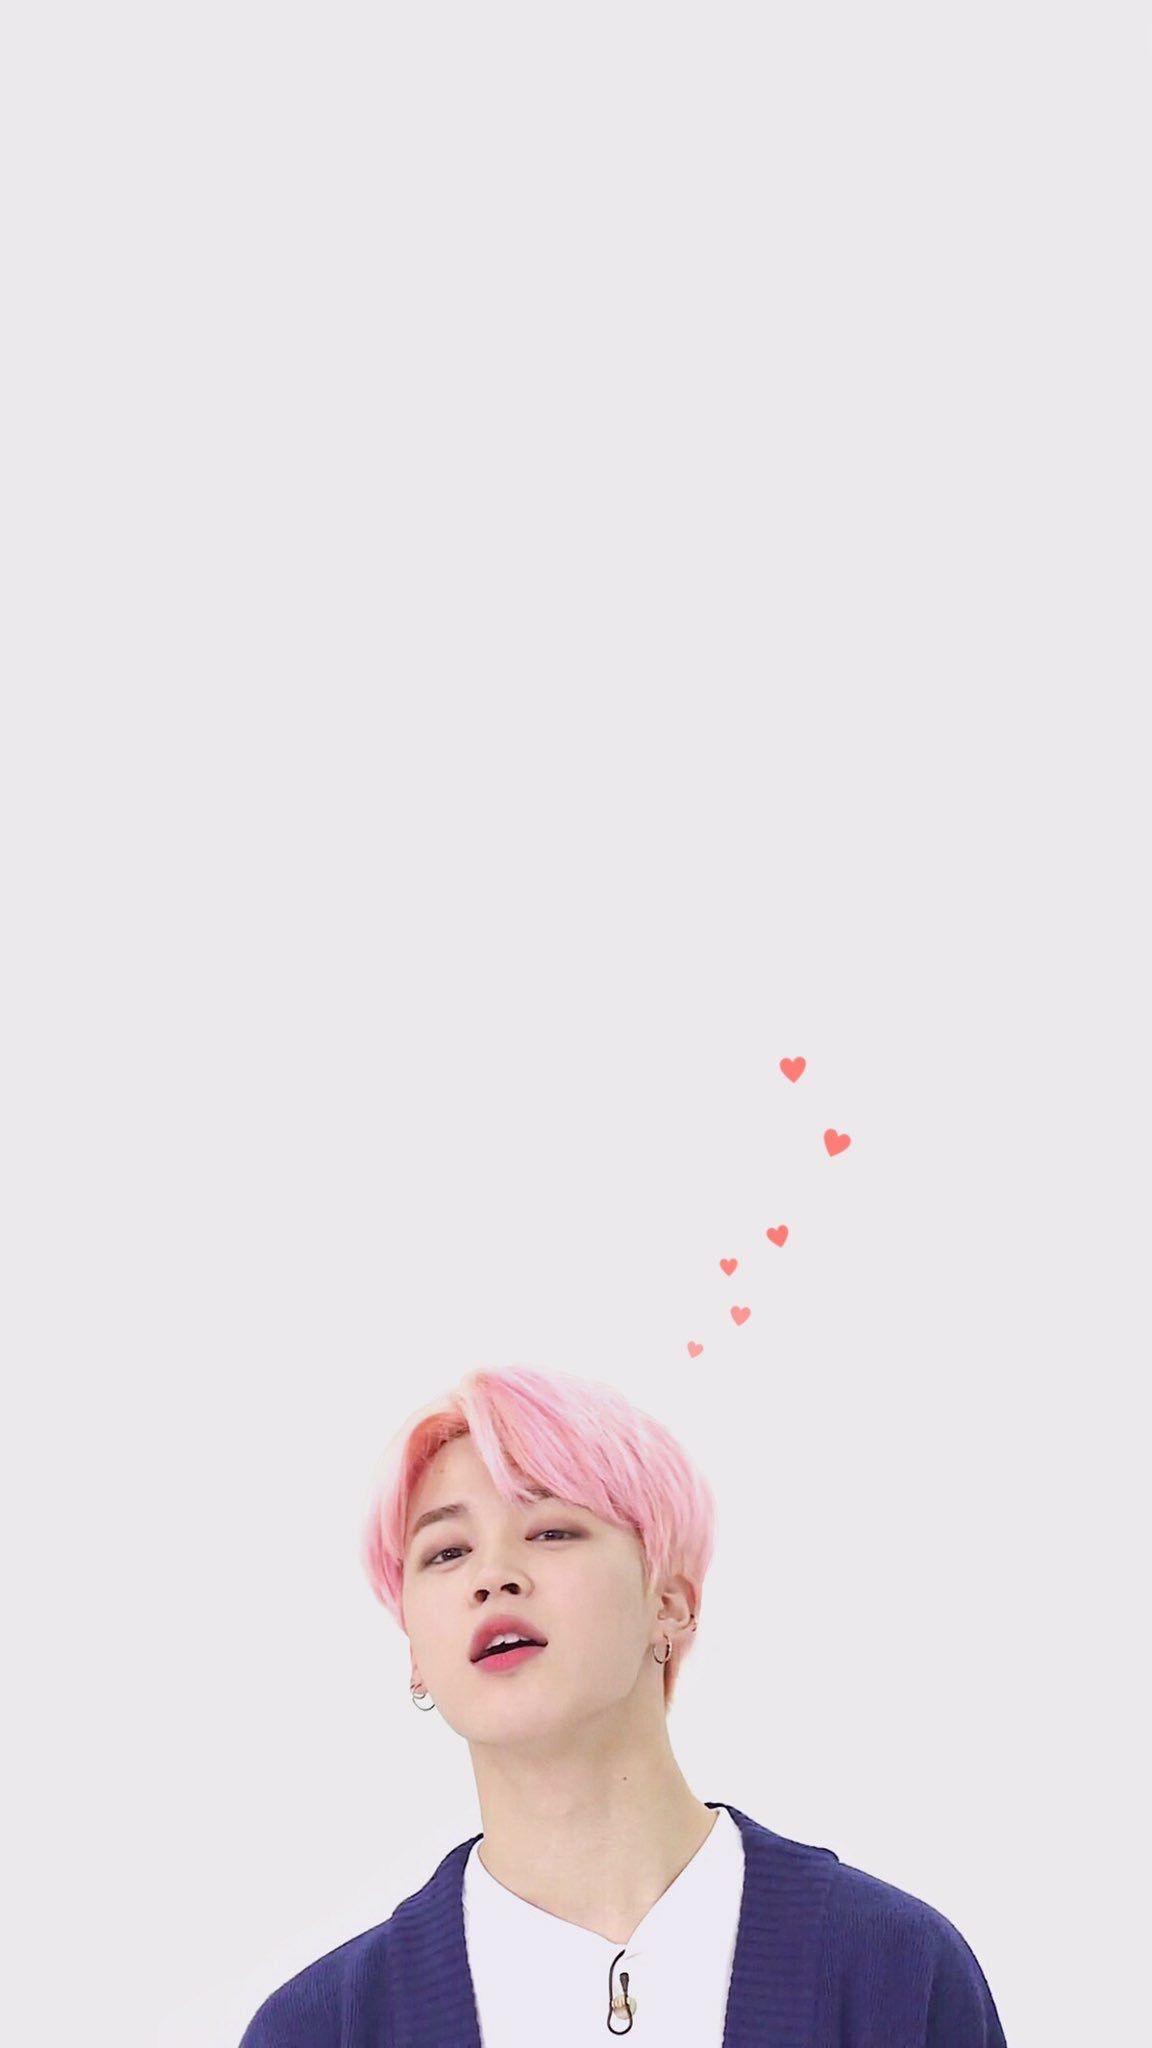 Wallpaper Jimin Bubblegum Wattpad Kim Jeon Bts jimin gif wallpaper